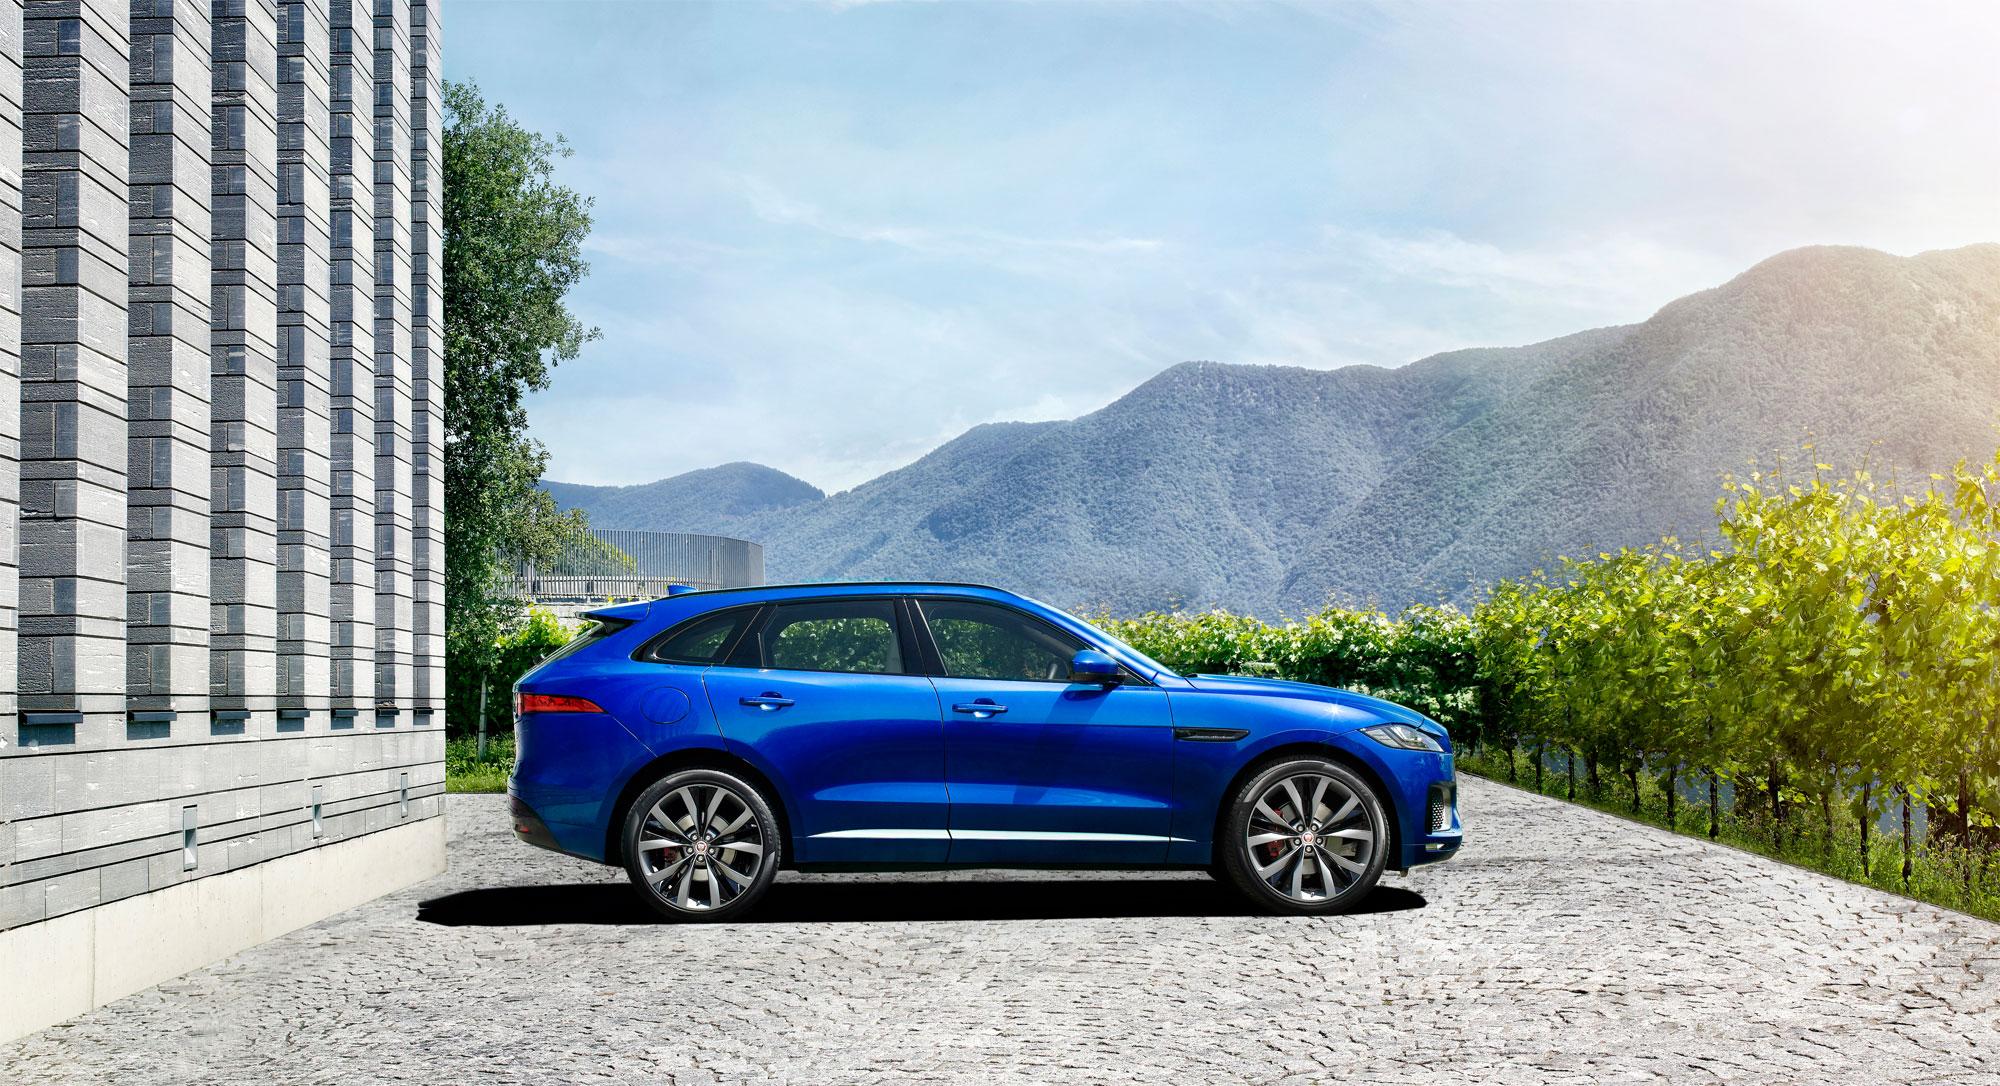 Jaguar's F-Pace SUV